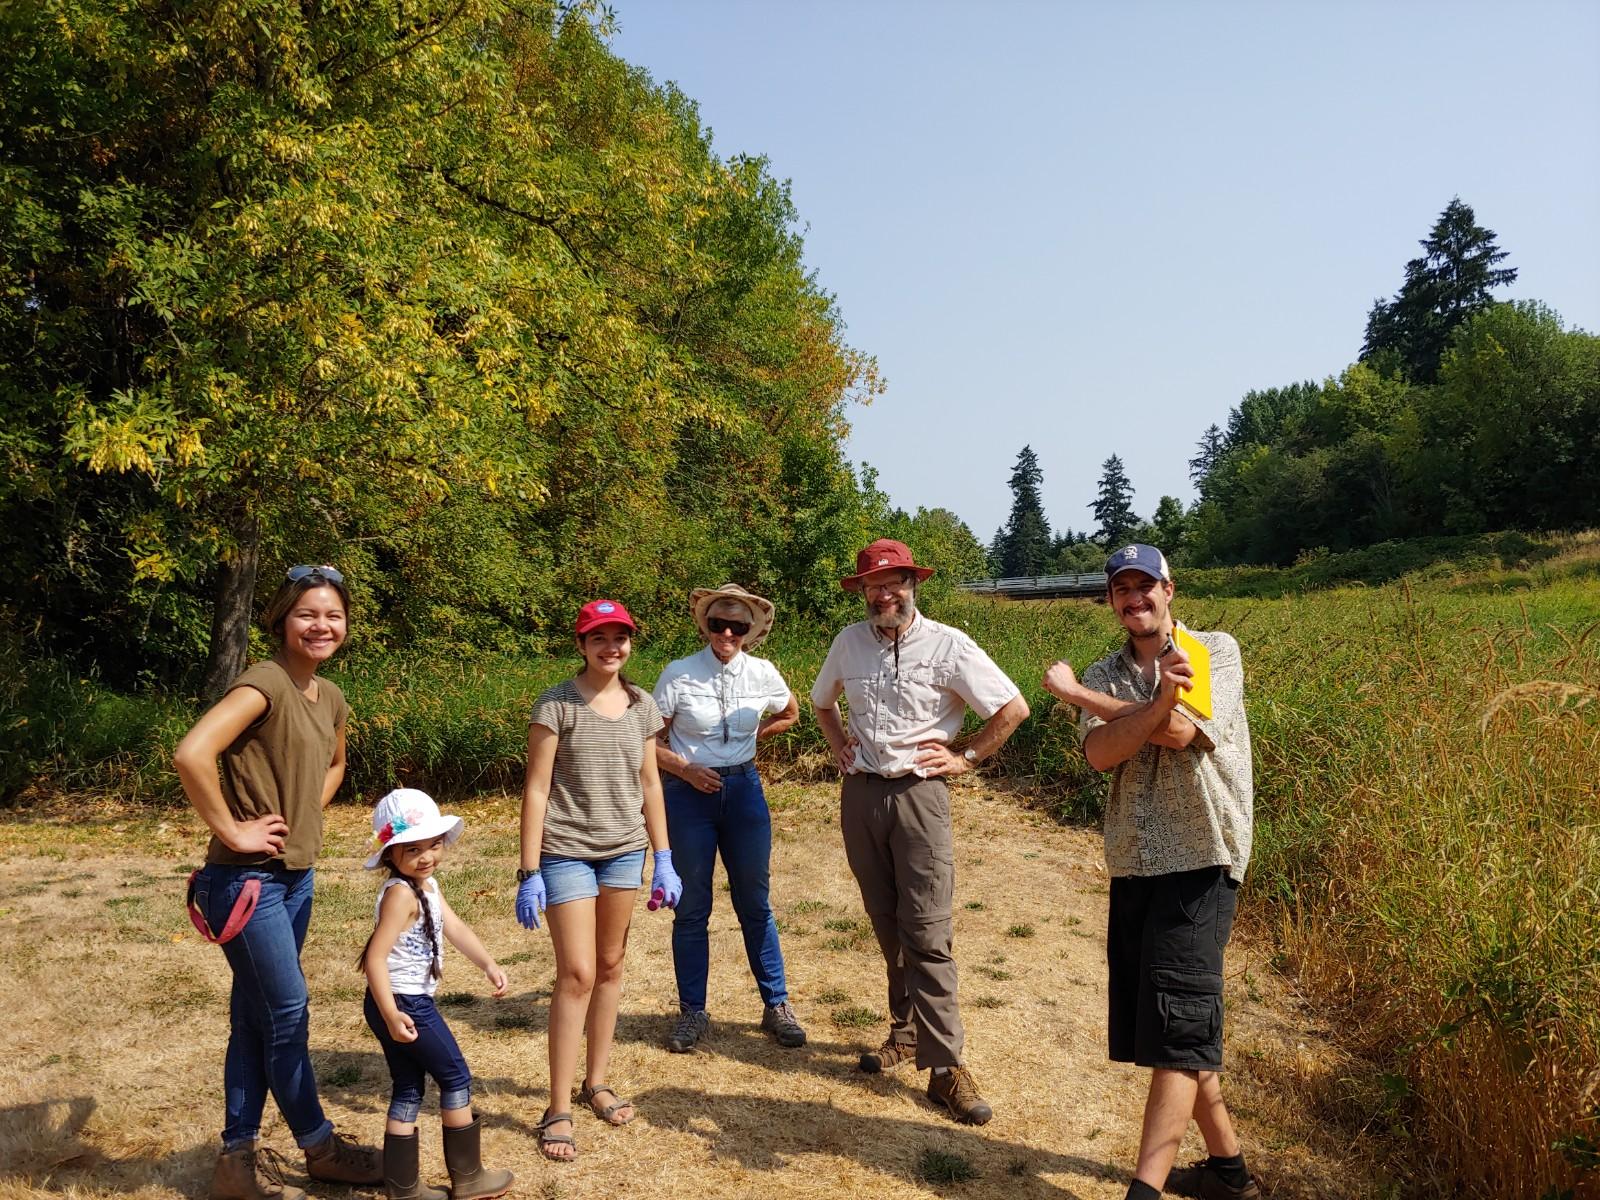 Crucicrew and helpers, Mill Creek Woodburn